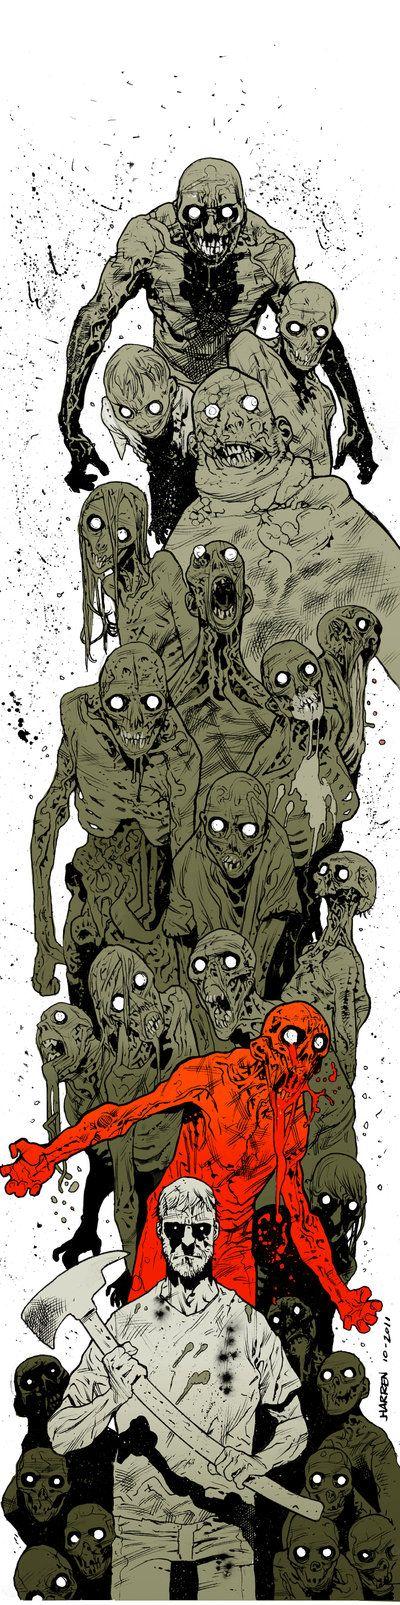 Walking Dead by JHarren.deviantart.com